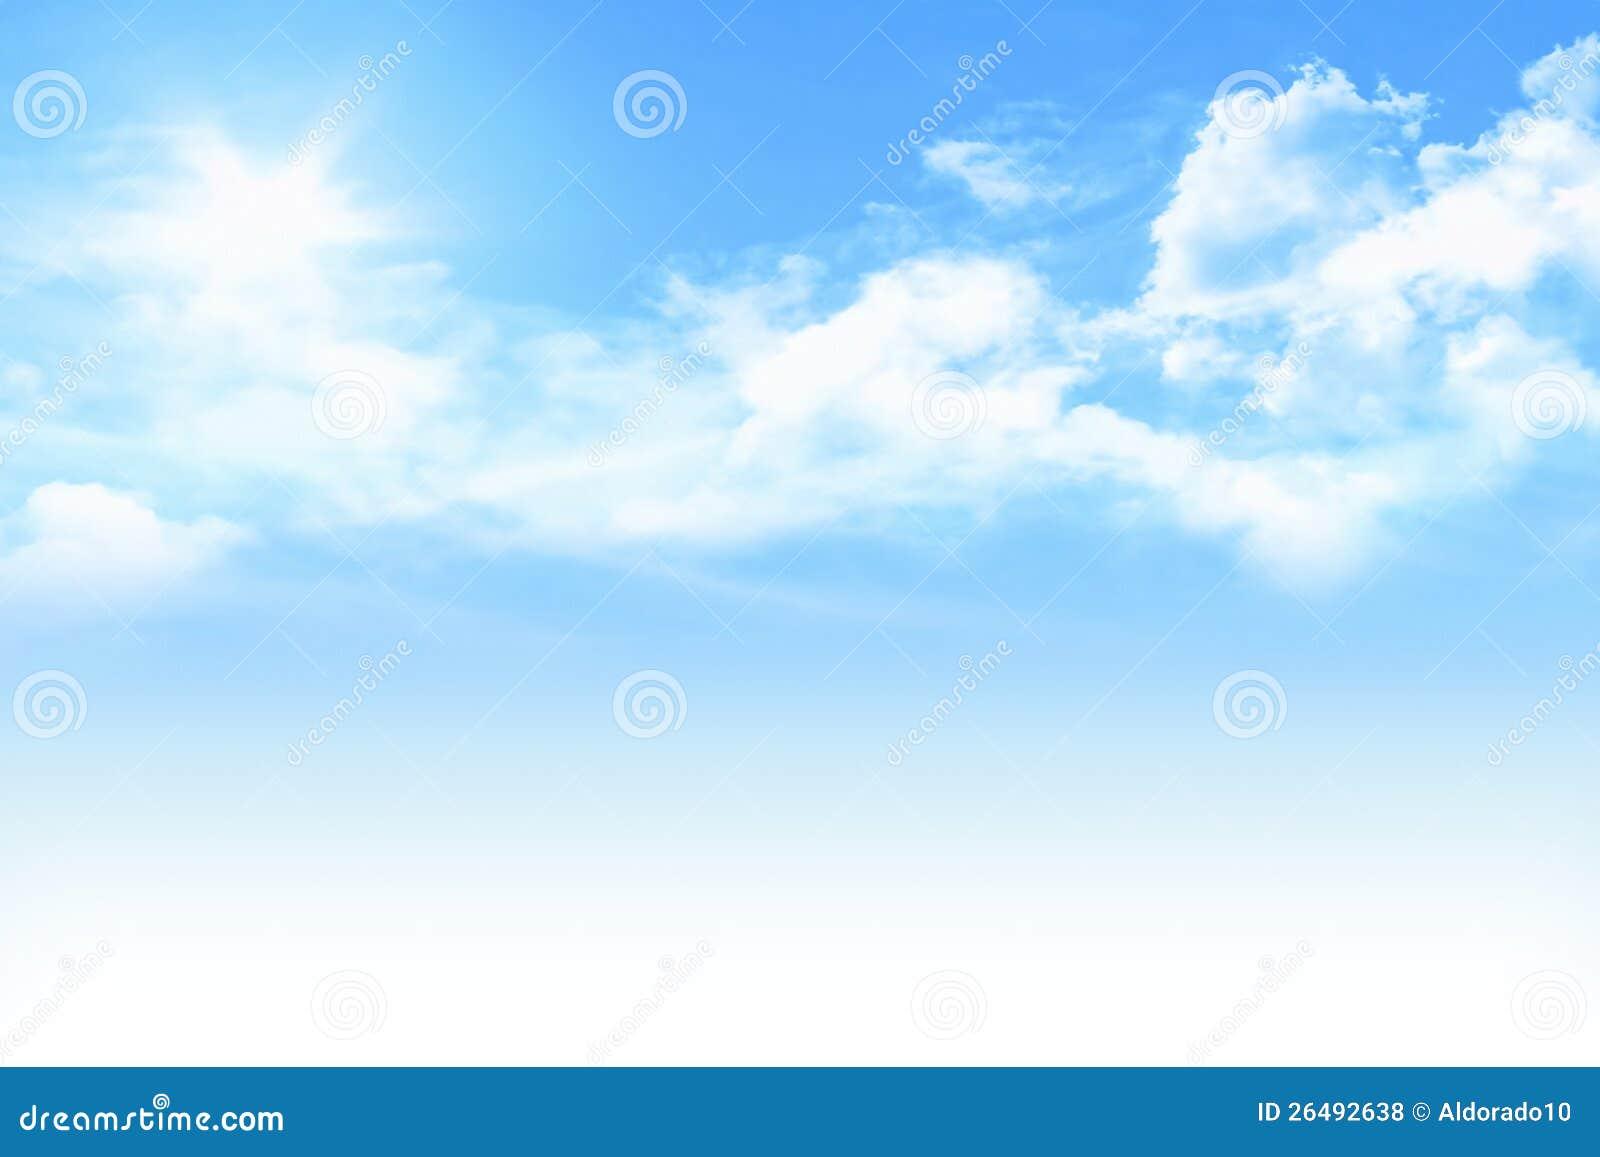 Ciel bleu clair photos libres de droits image 26492638 - Image ciel bleu clair ...